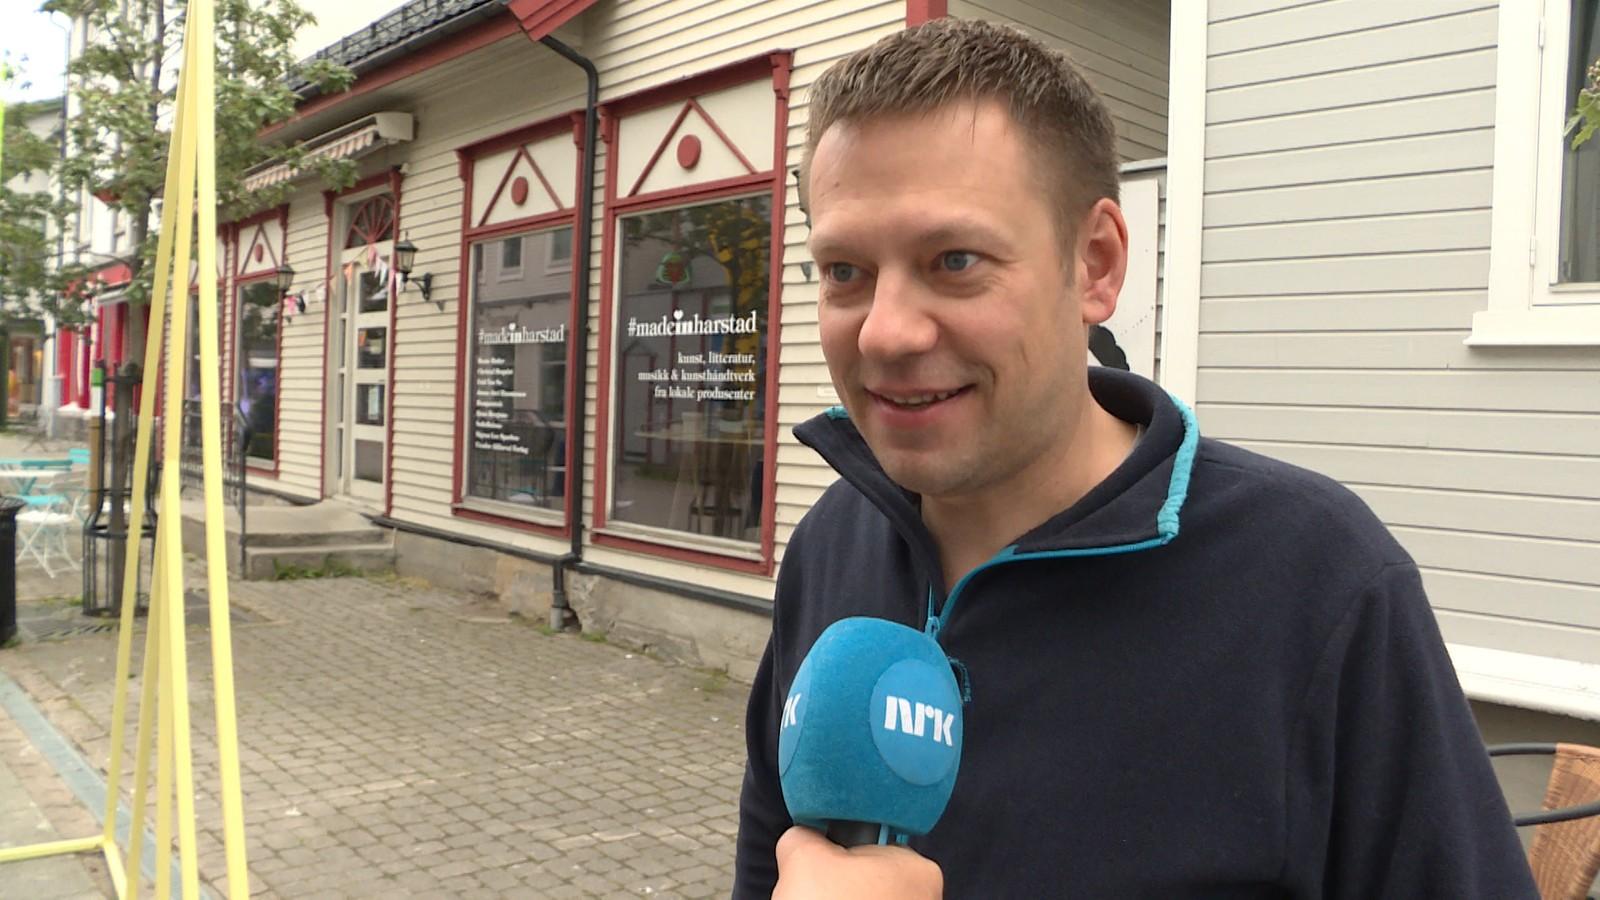 Fredrik Nordnes synes ikke at turistskatten skal innføres. - Det høres ikke riktig ut. Jeg synes at staten bør ha penger til å ordne opp, og ta tak i de problemene kommunen har. Han sier seg ikke villig til å betale ekstra når han er turist.